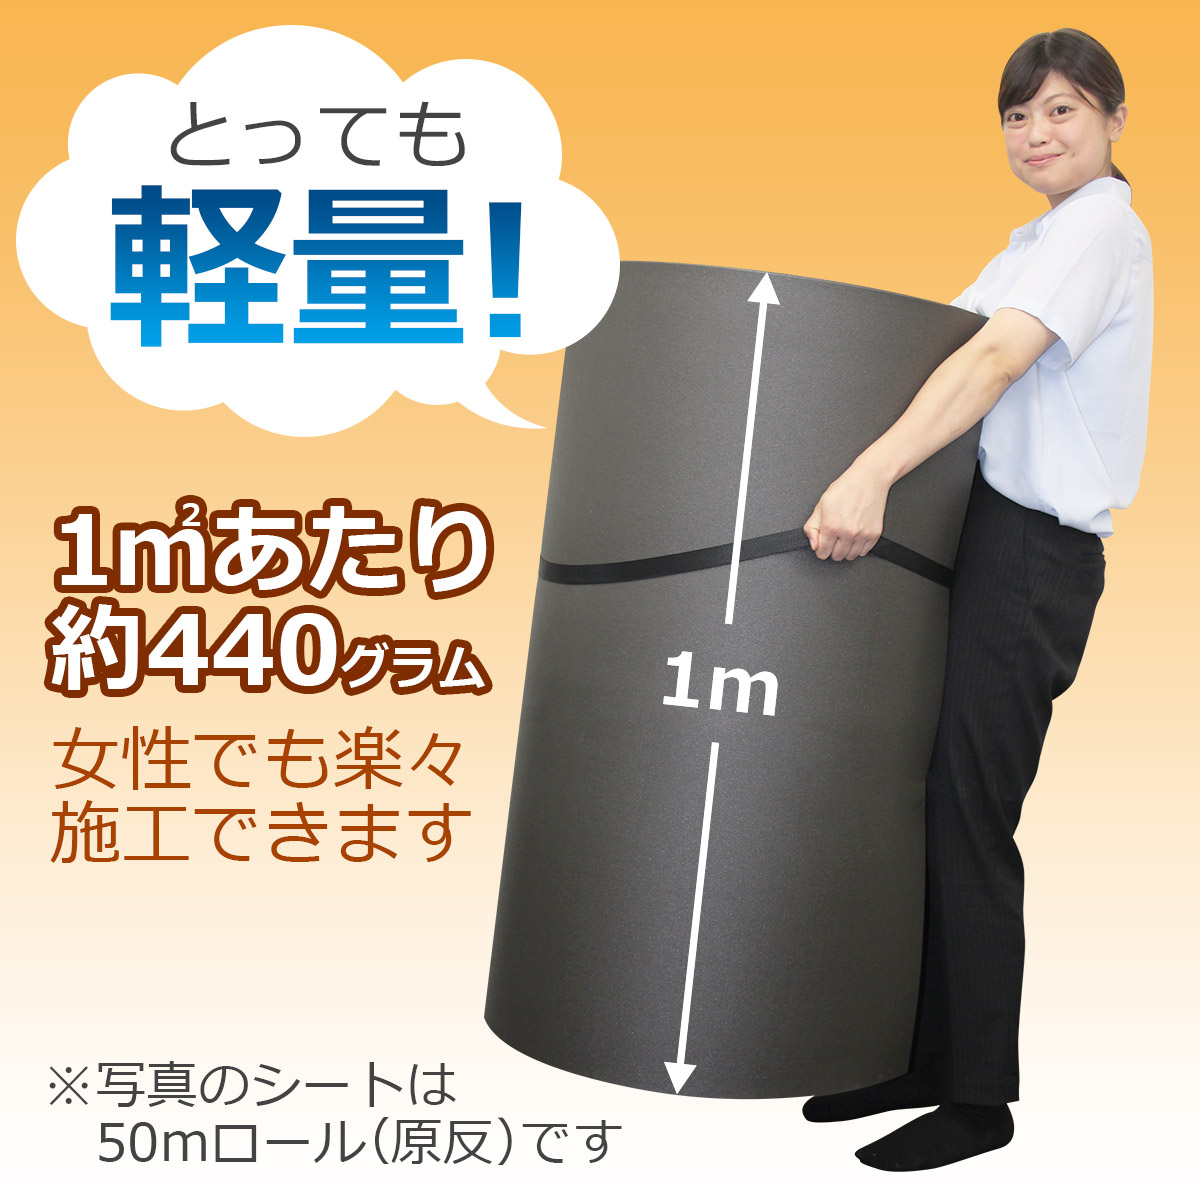 とっても軽量!1平方メートルあたり約440グラム 女性でも楽々施工できます